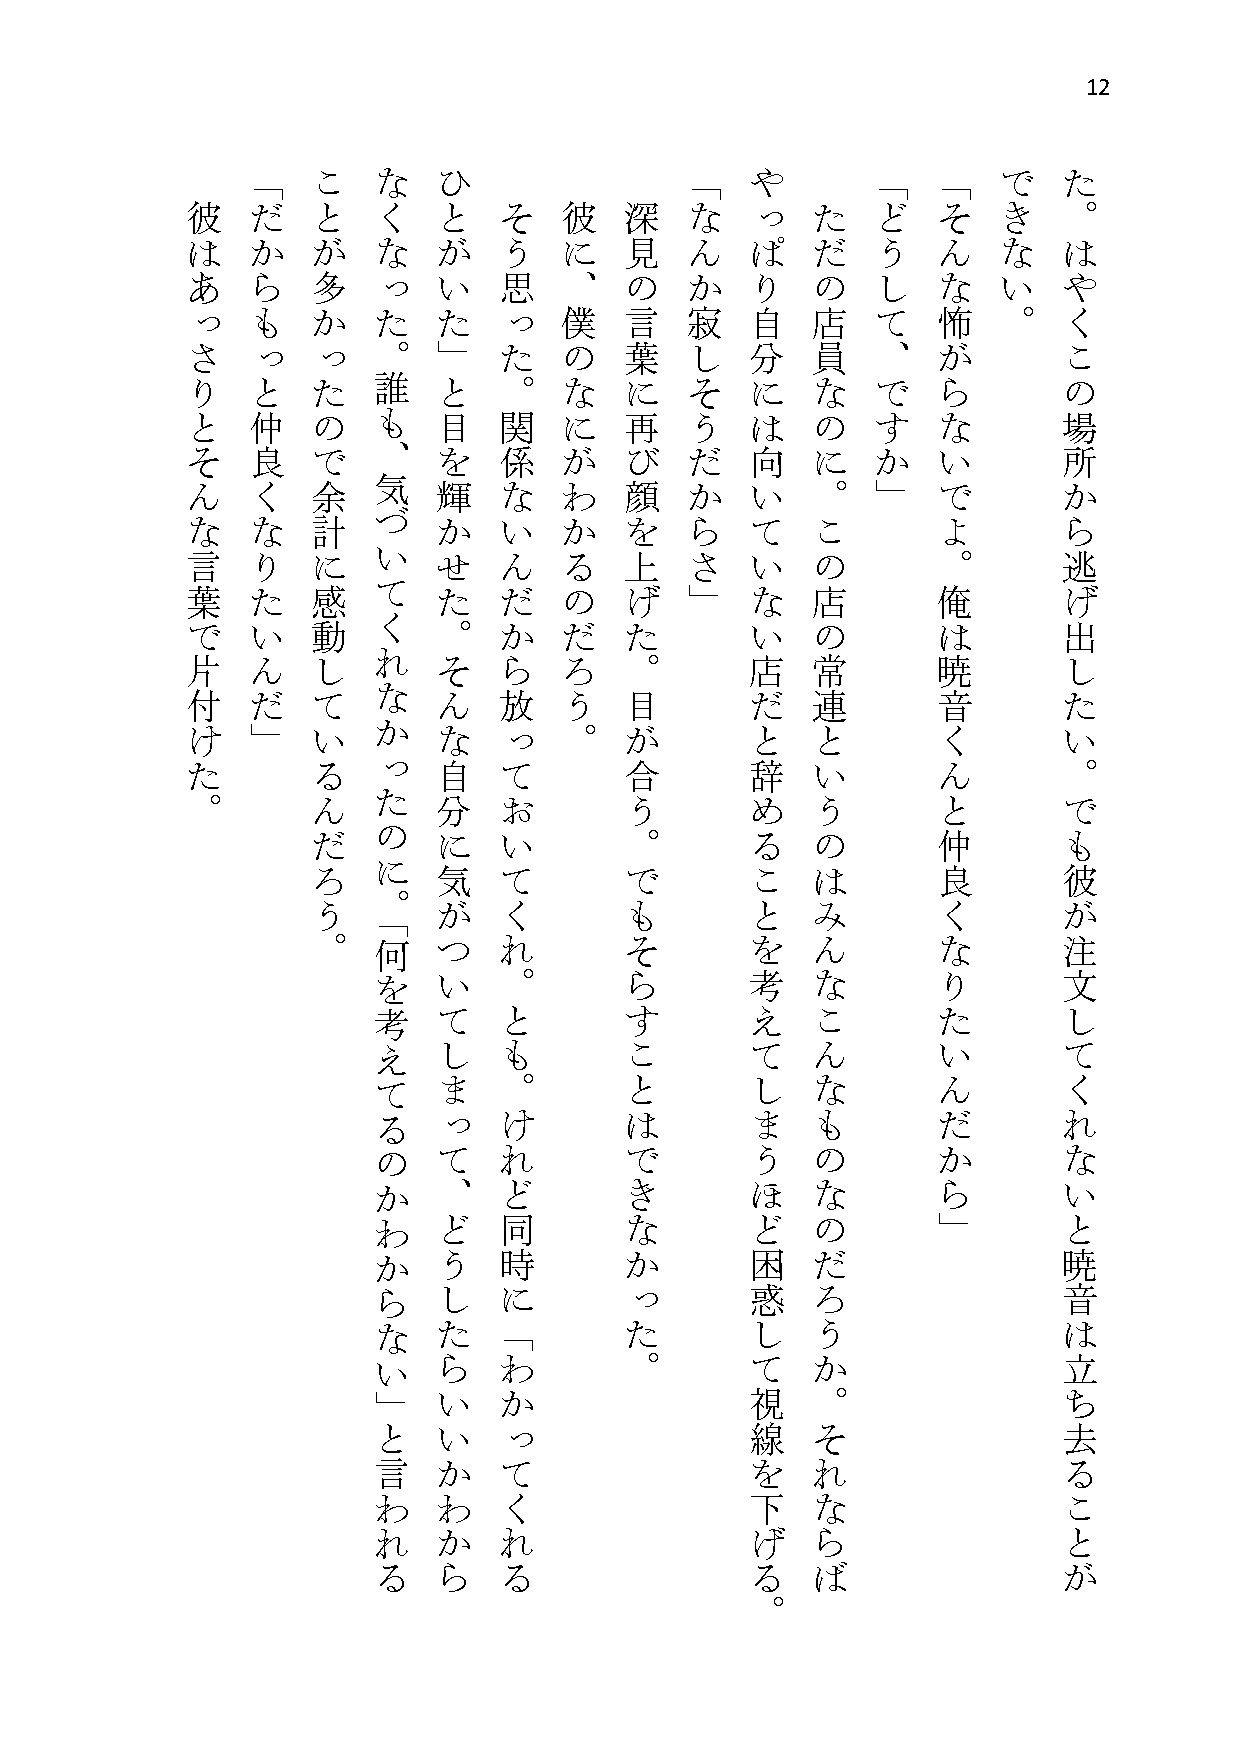 サンプル画像4:あなたにはわからない(Conscious) [d_196508]